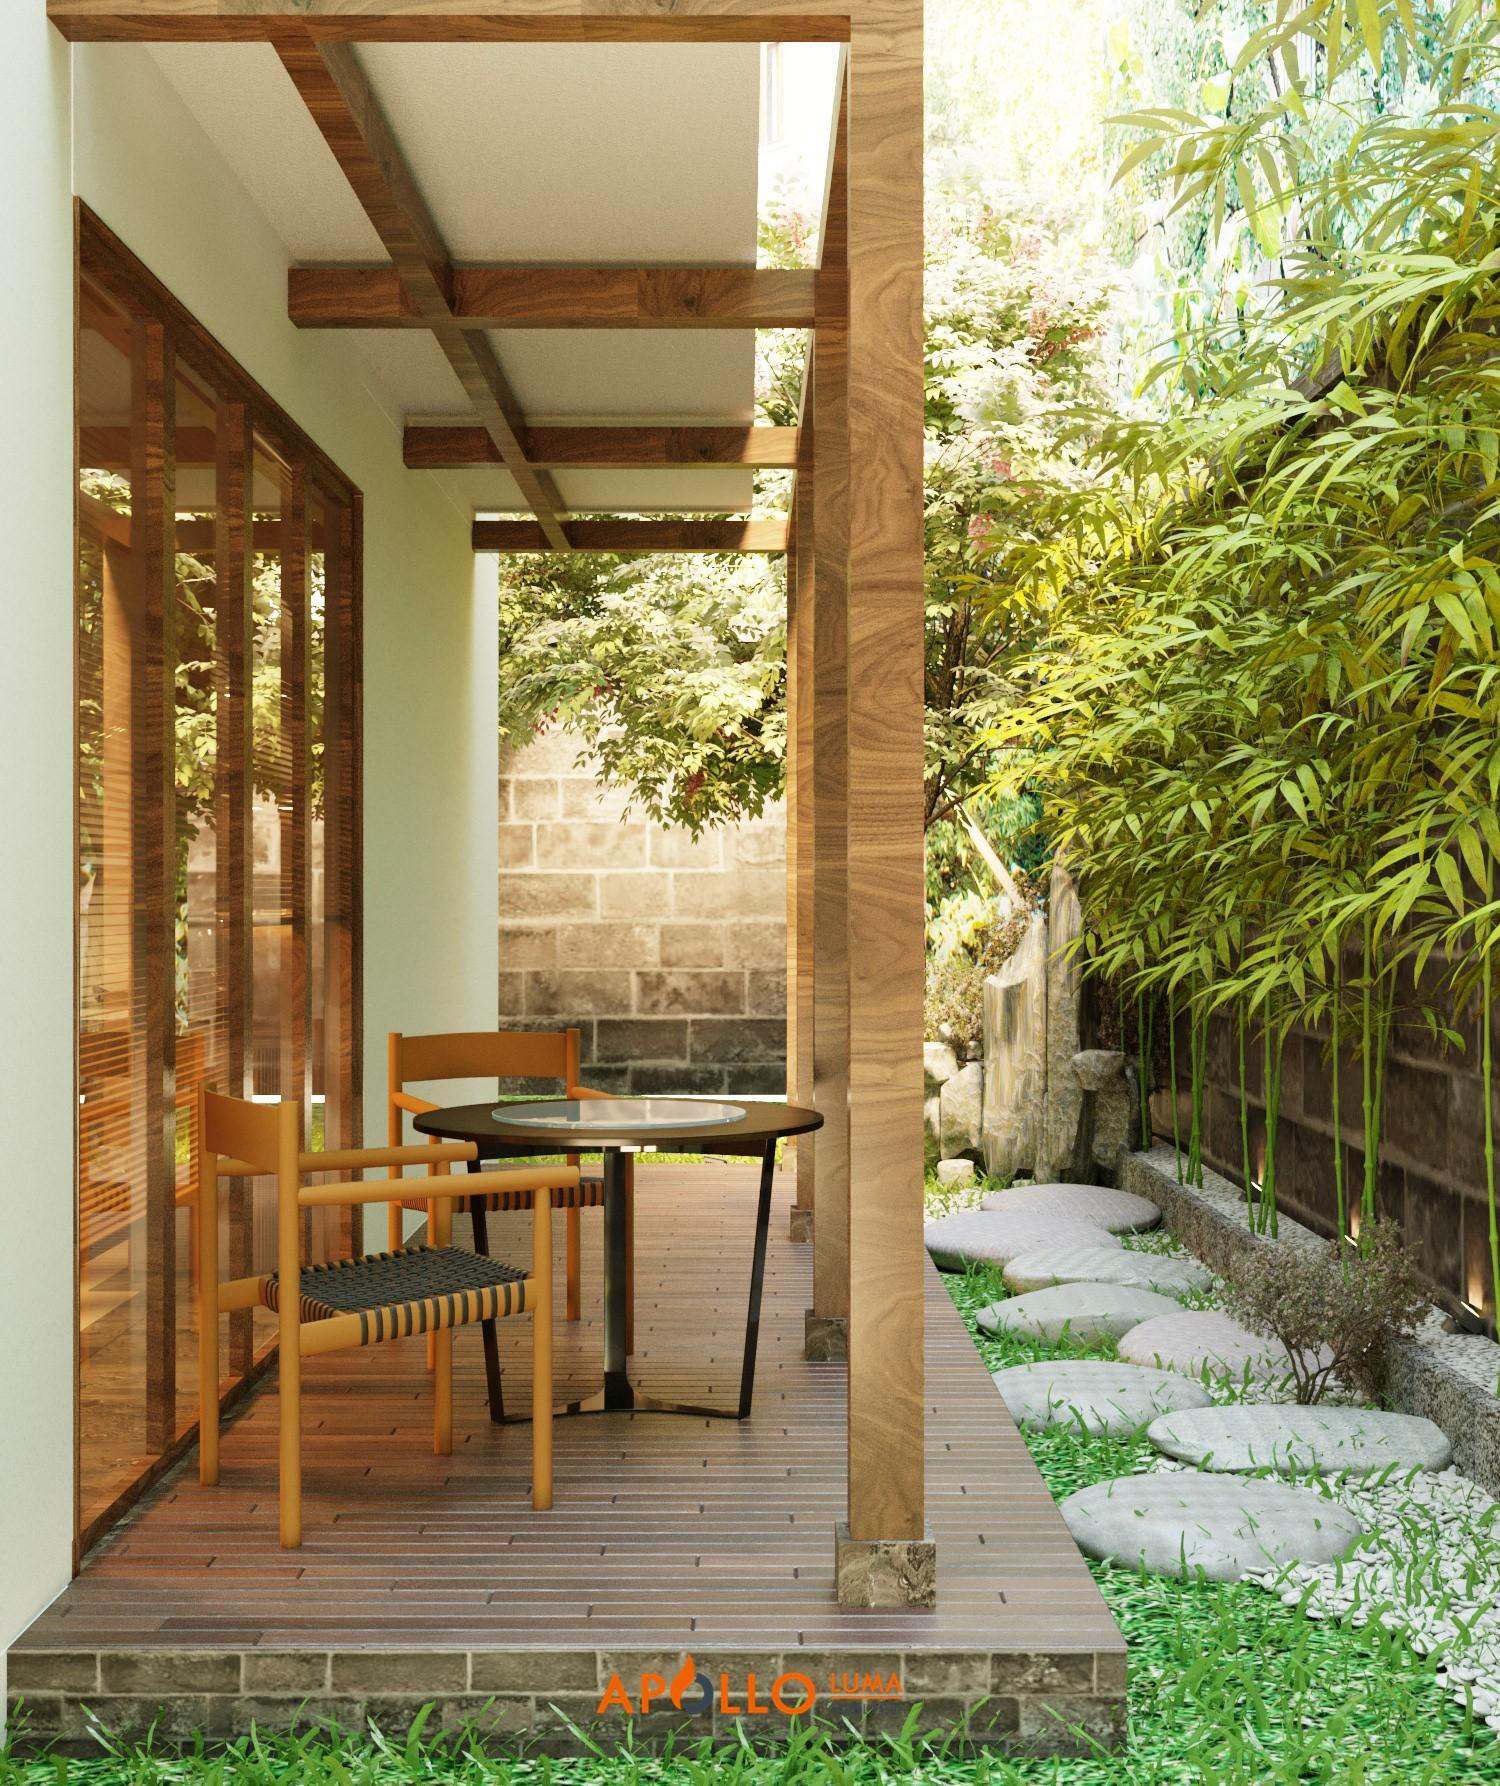 Thiết kế biệt thự nhà vườn tại Đông Anh